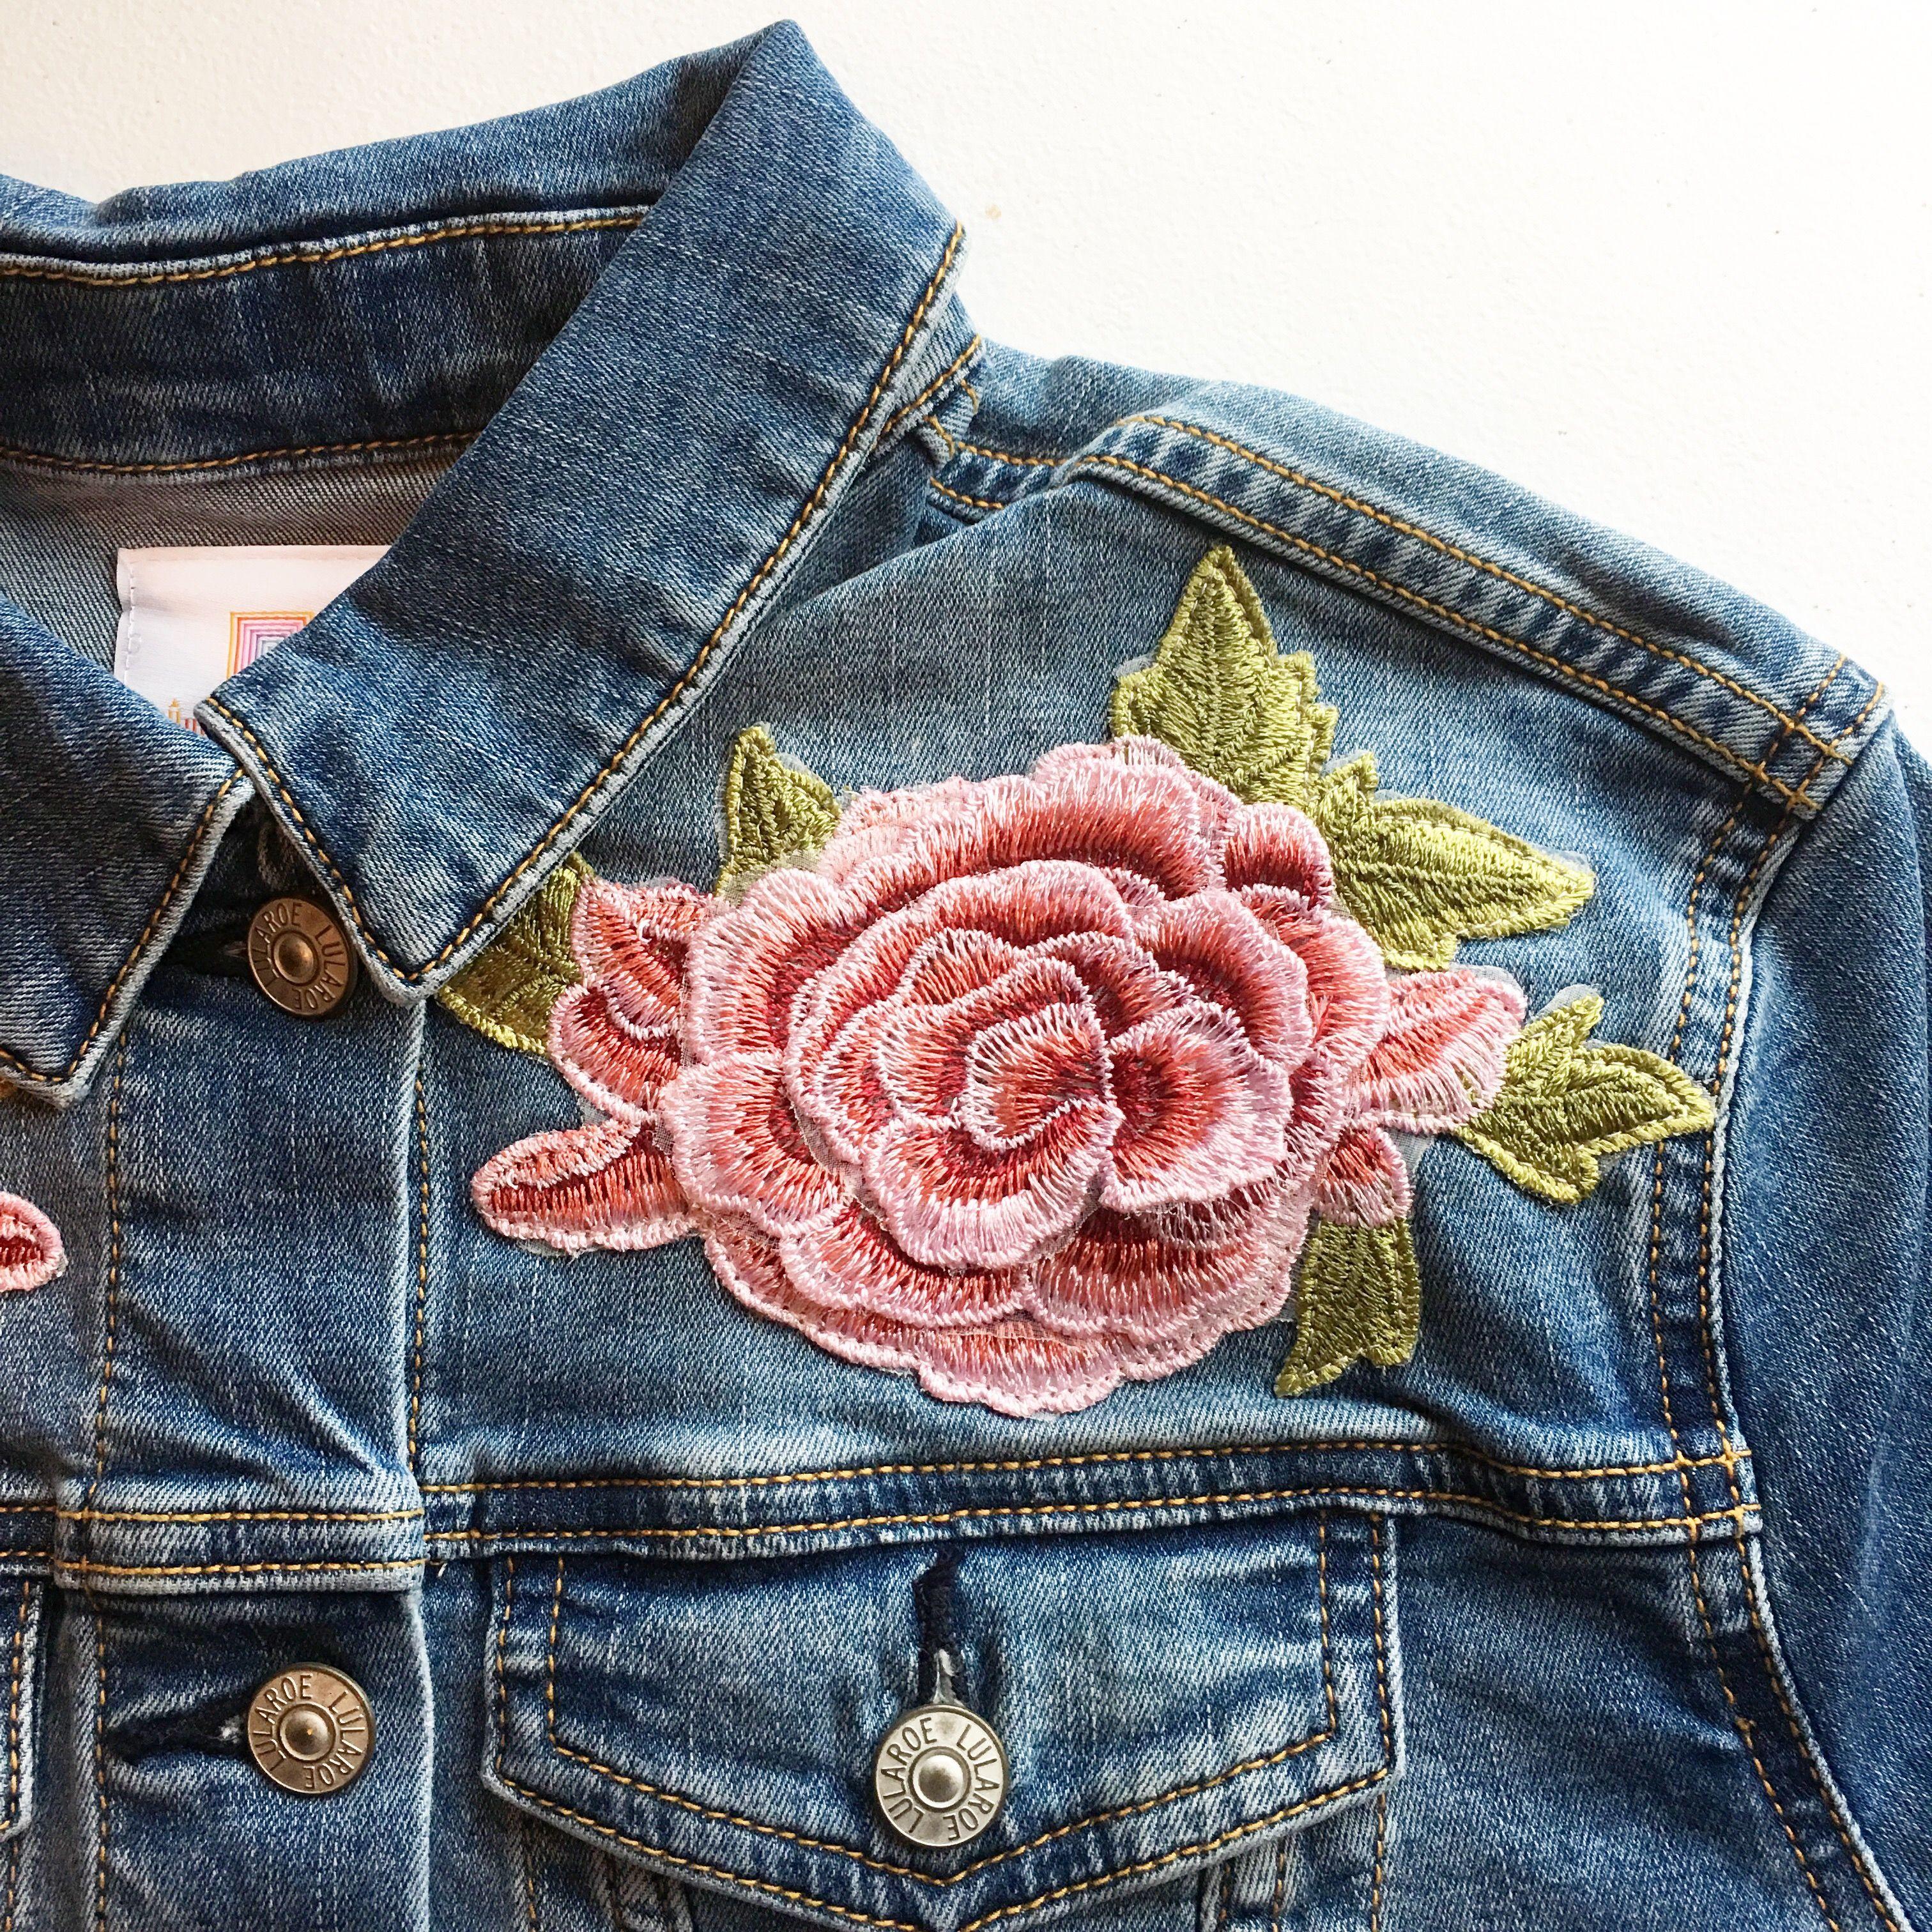 Lularoe 3d Roses Harvey Denim Jacket Lularoelizzyb Lula Roe Outfits Denim Jacket Jackets [ 3024 x 3024 Pixel ]